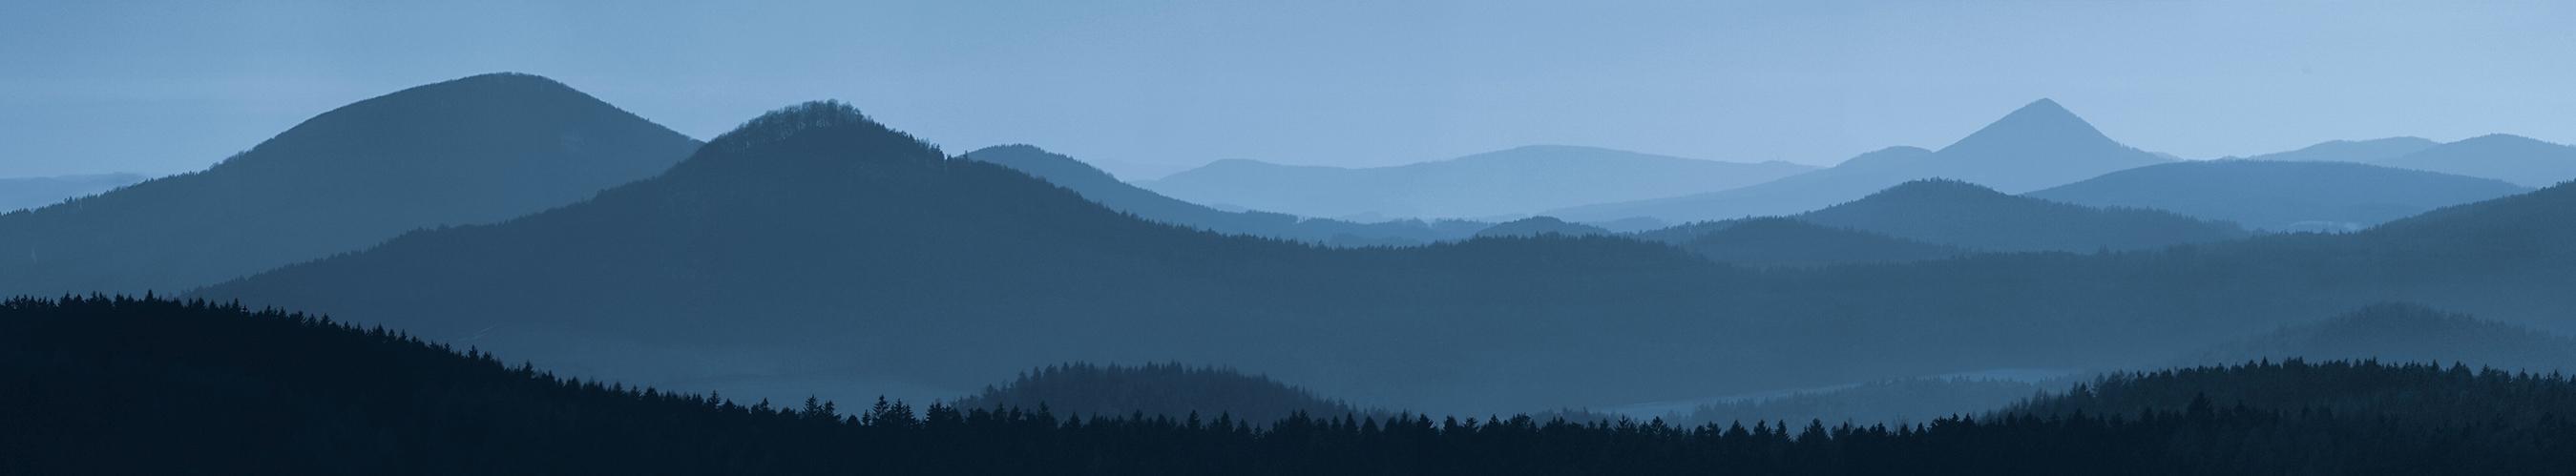 Panorama-Blick vom Popova skála